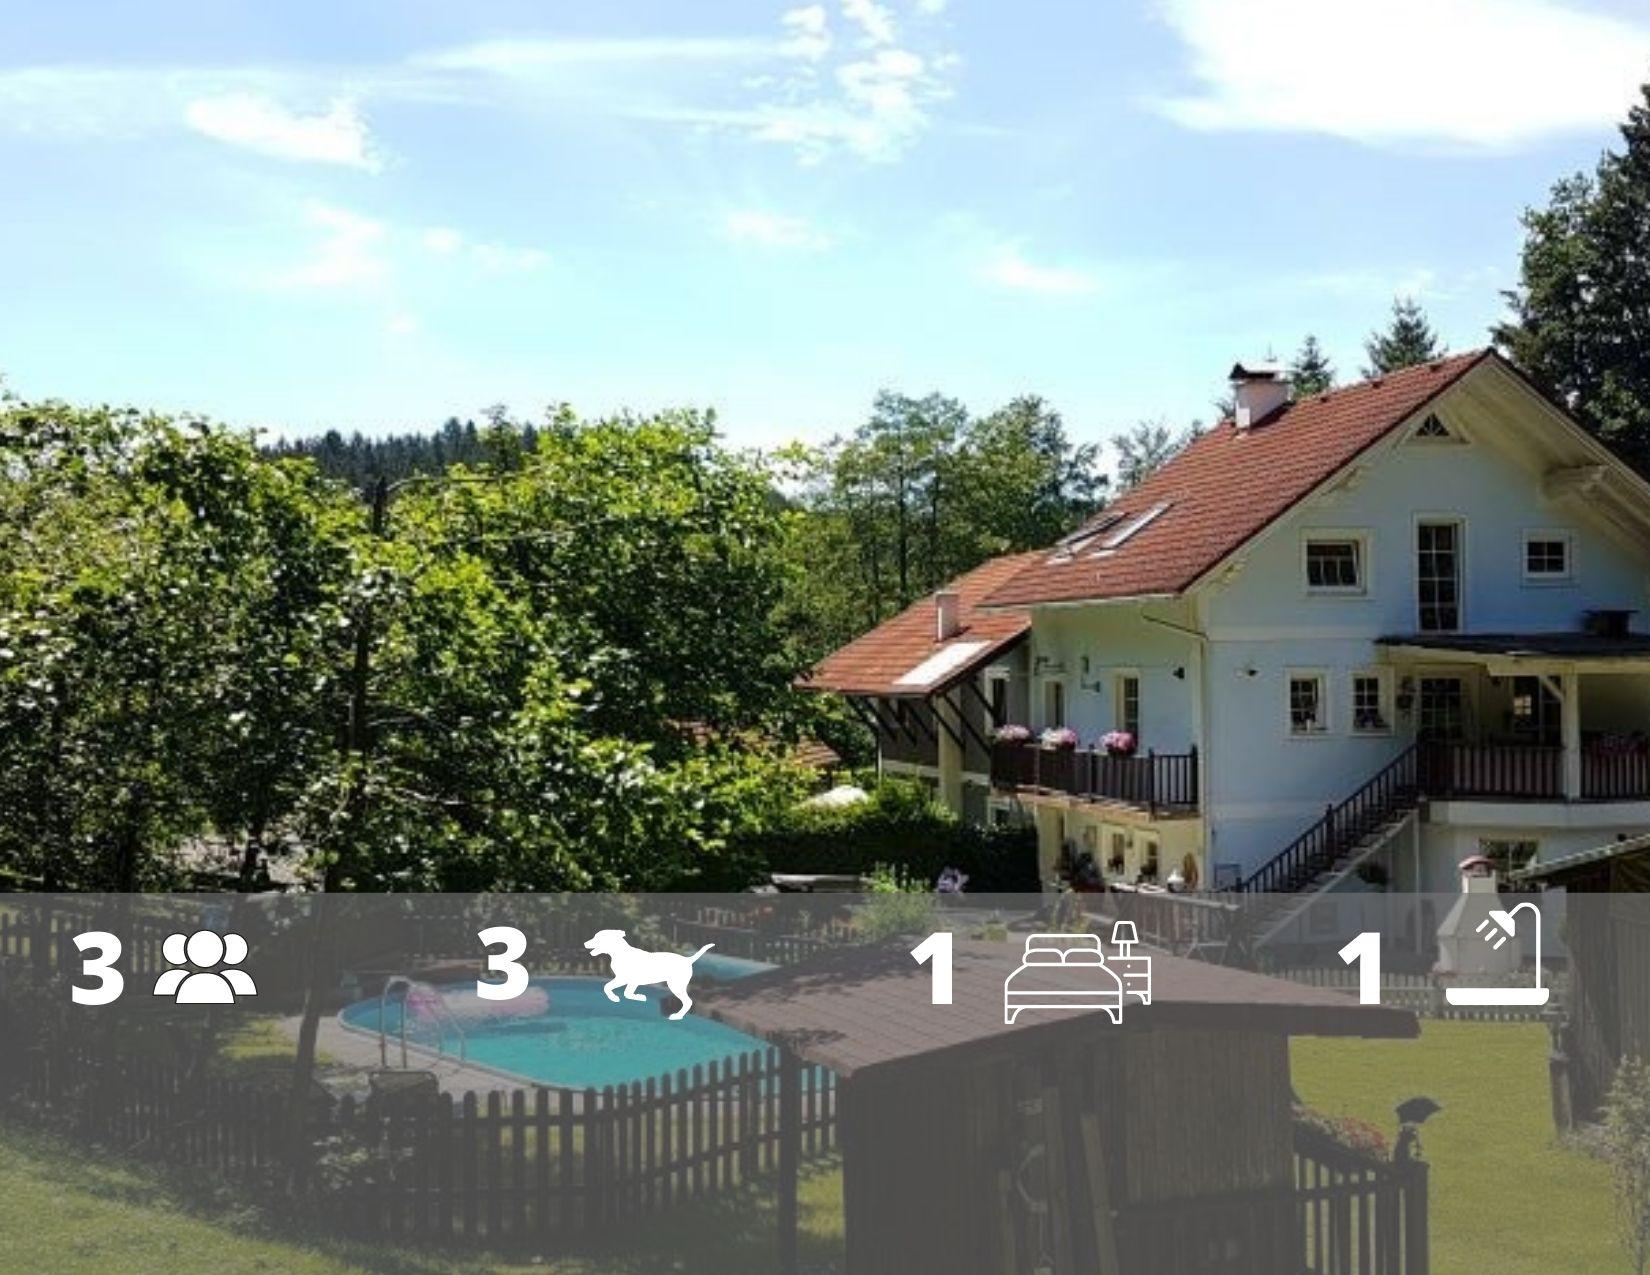 Ferienwohnung Wald Kobel mitten im Wald in Oberösterreich , Swimmingpool